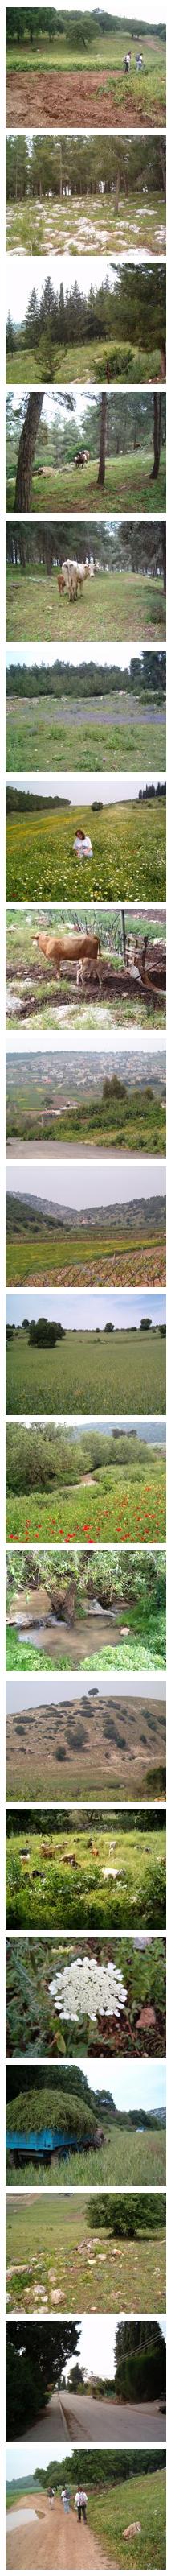 (c)www.sarma.co.il